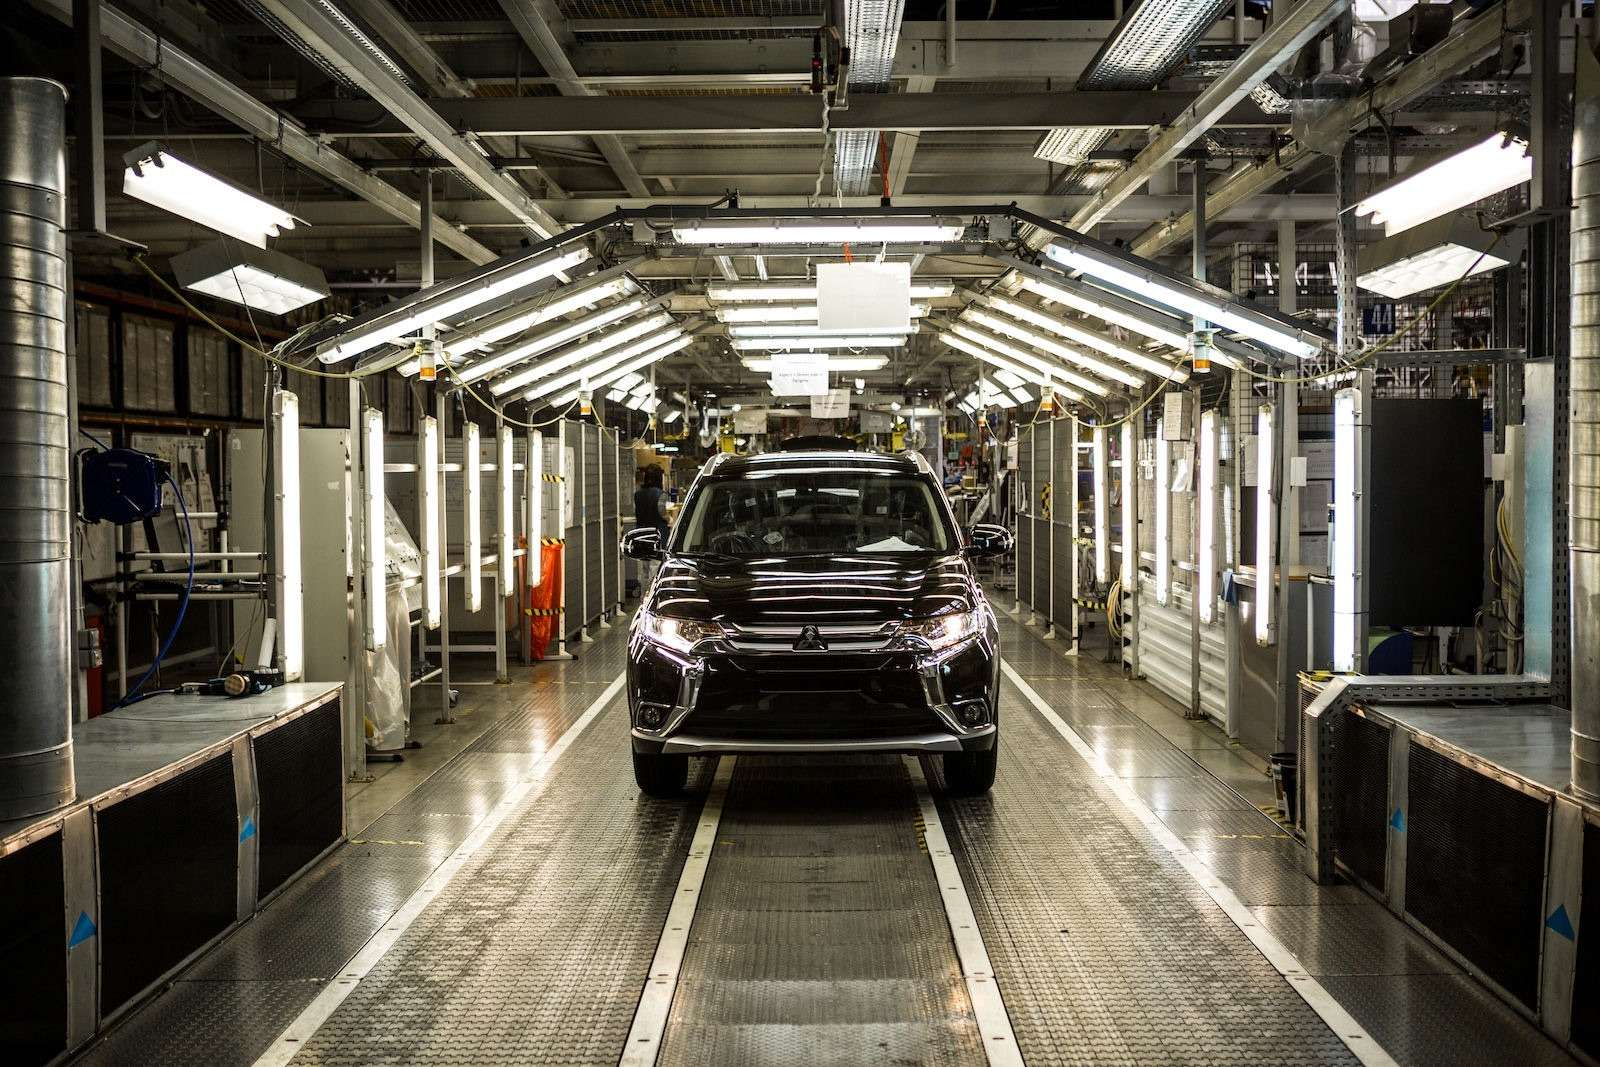 Льготное подорожание: Минпромторг перепишет ценники наавтомобили— фото 655519